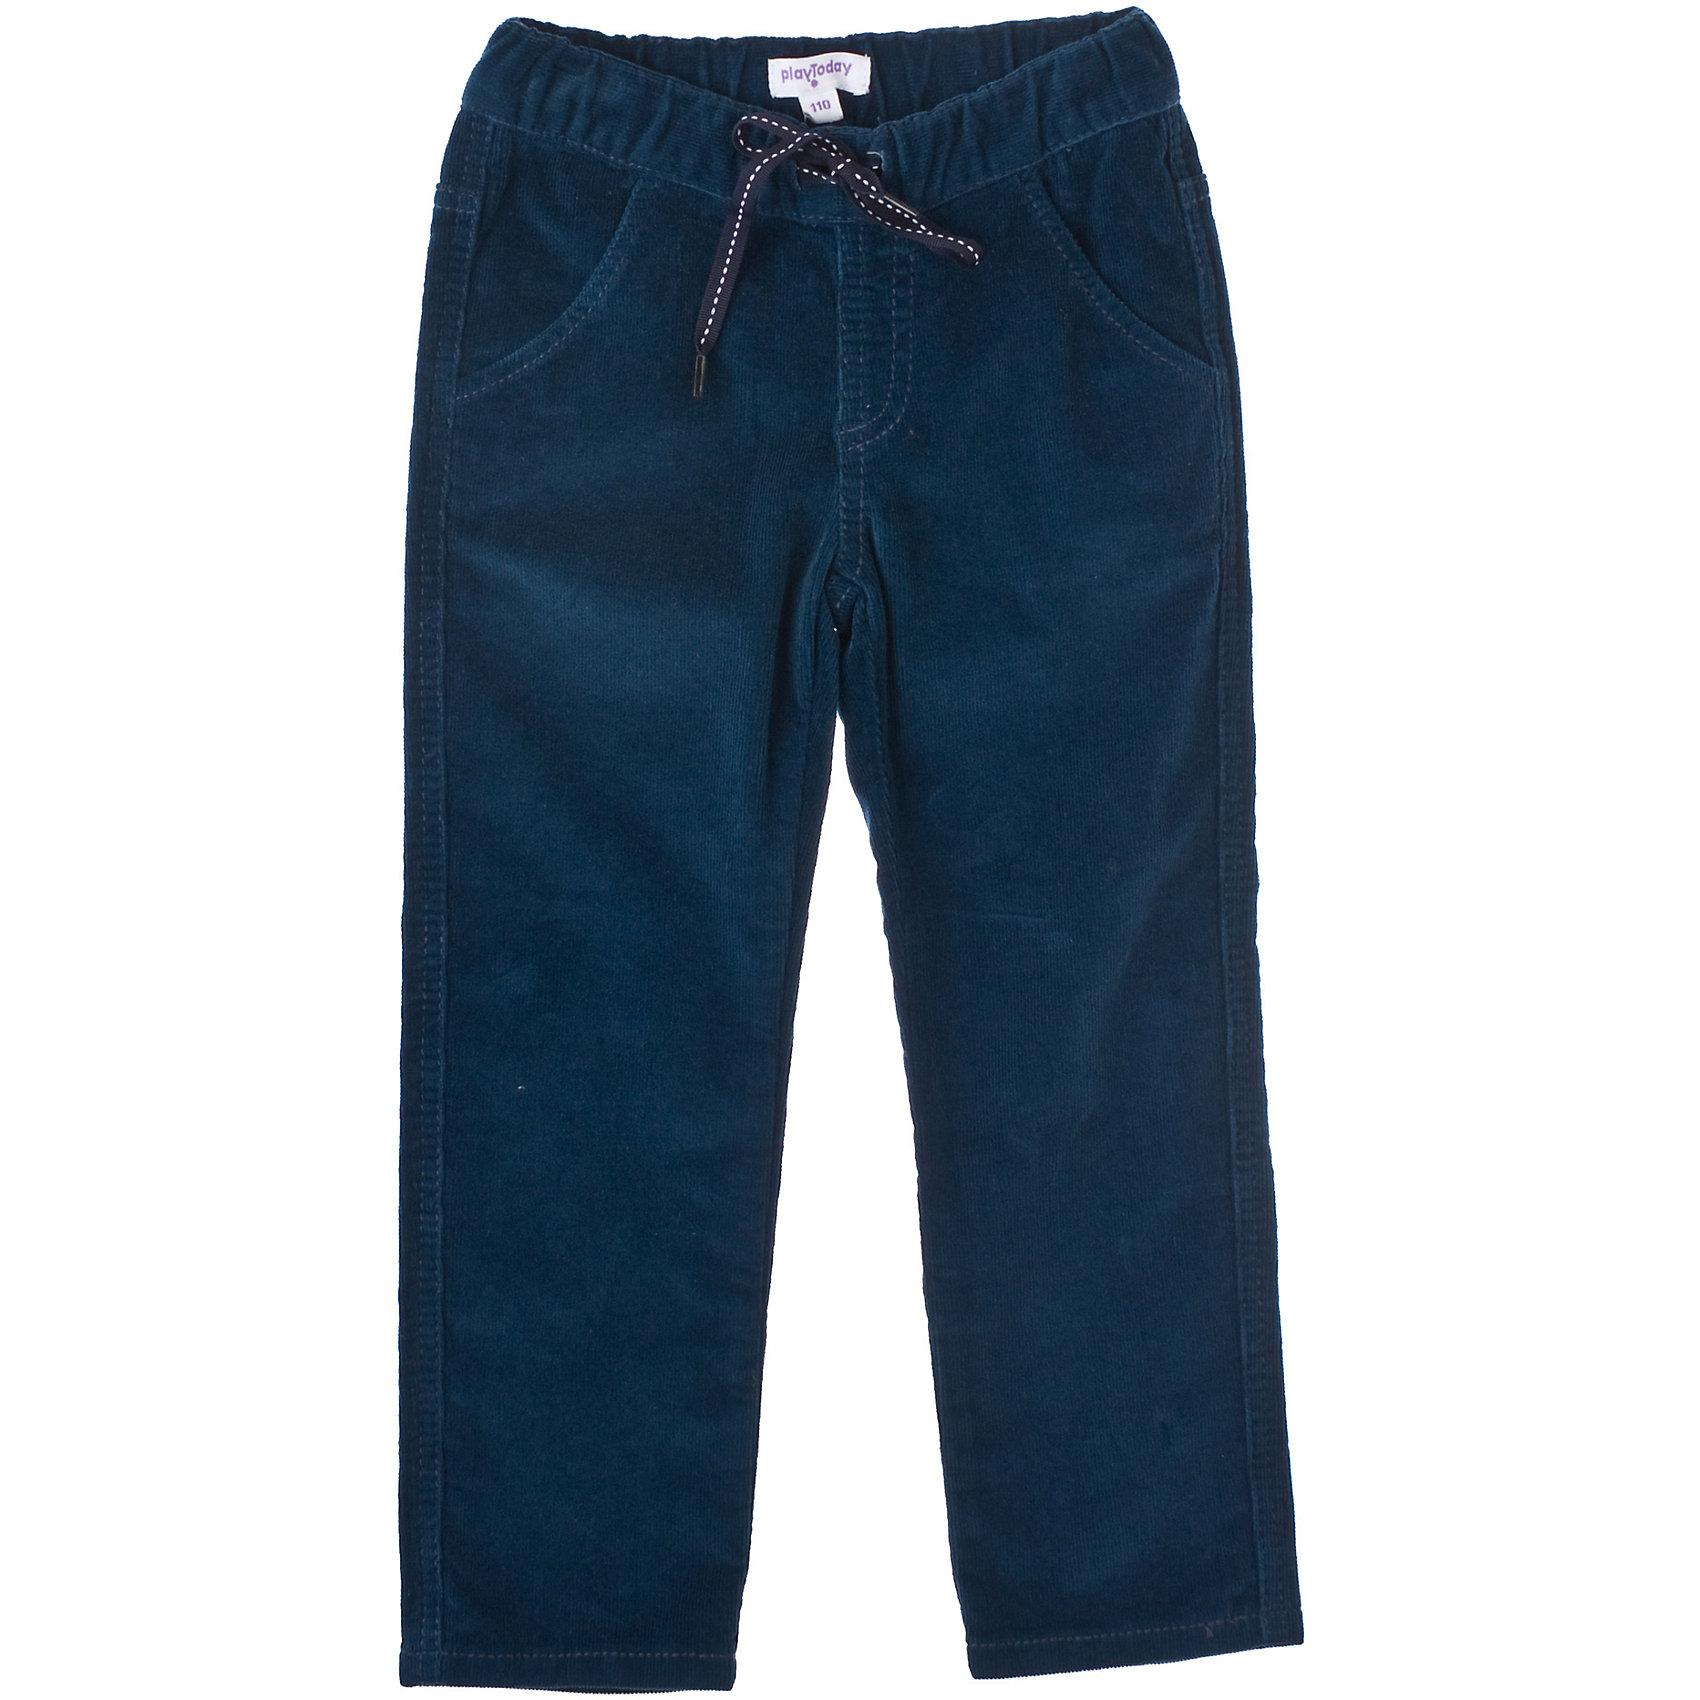 Брюки для мальчика PlayTodayБрюки для мальчика PlayToday Вельветовые хлопковые брюки. Четыре кармана, на поясе широкая трикотажная резинка. Очень мягкие и приятные на ощупь. Ткань плотная, но эластичная. Состав: 98% хлопок, 2% эластан<br><br>Ширина мм: 215<br>Глубина мм: 88<br>Высота мм: 191<br>Вес г: 336<br>Цвет: полуночно-синий<br>Возраст от месяцев: 24<br>Возраст до месяцев: 36<br>Пол: Мужской<br>Возраст: Детский<br>Размер: 98,104,128,116,122,110<br>SKU: 4227891